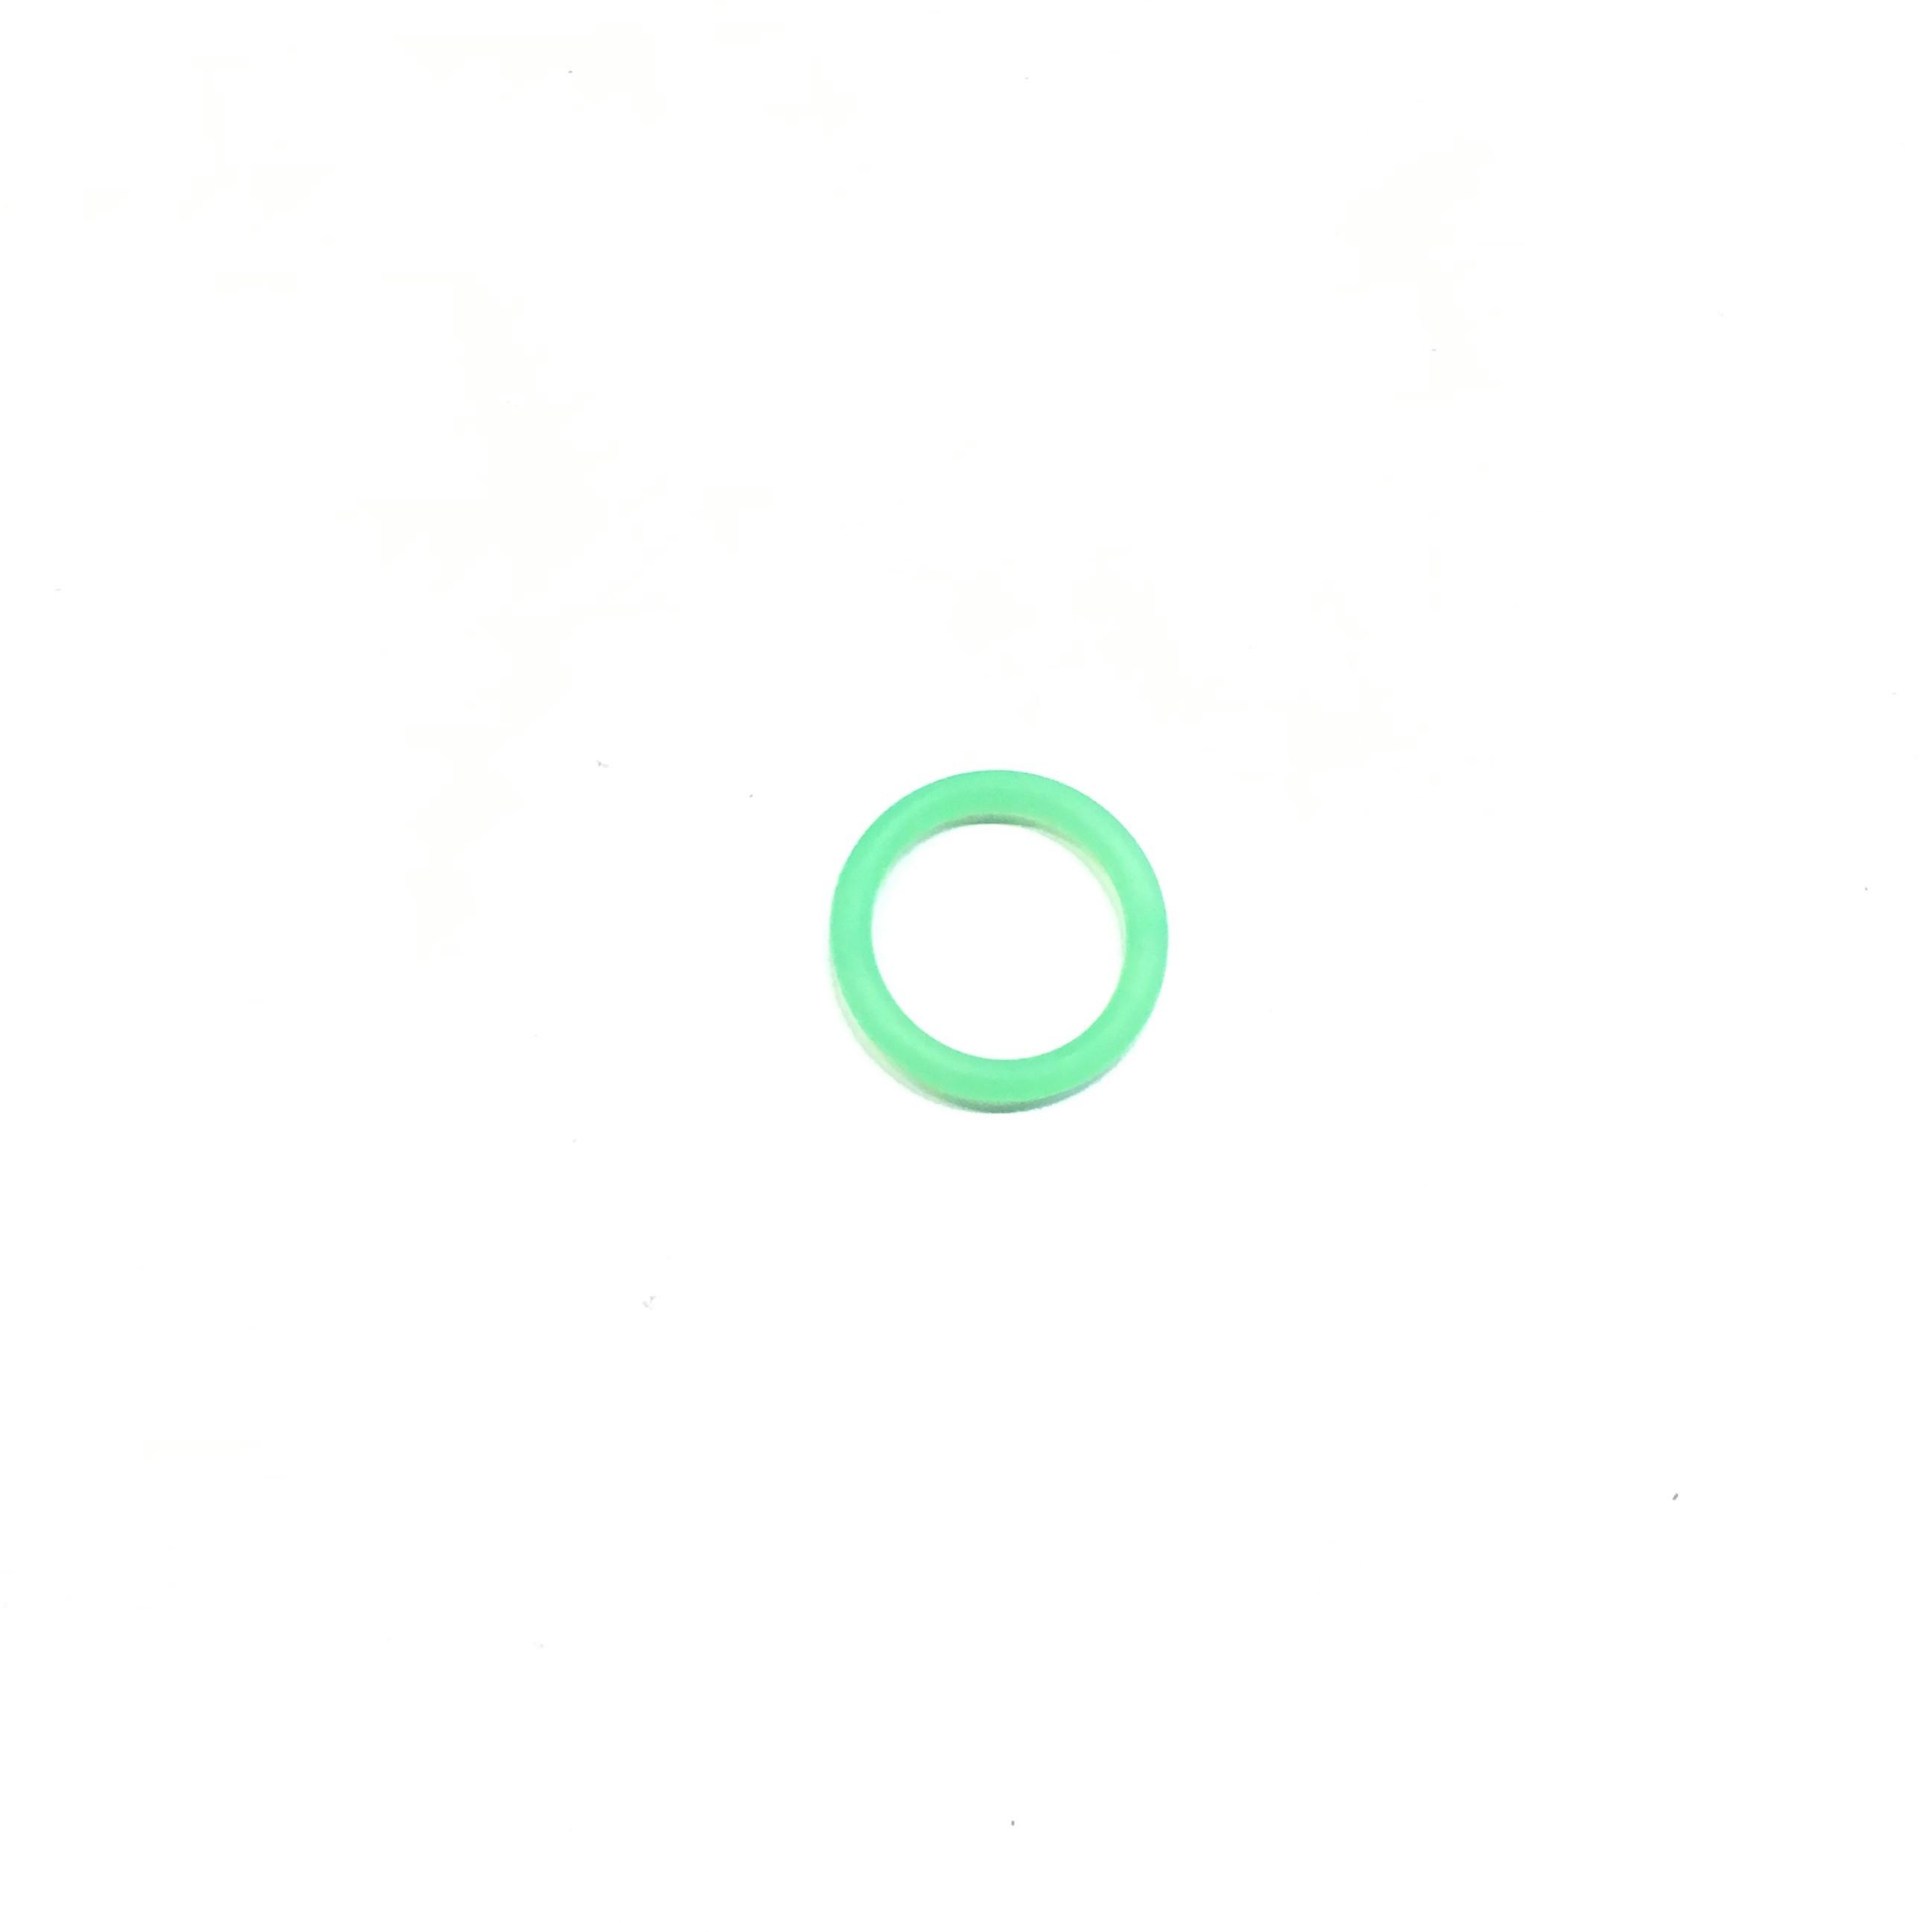 Cerchio Verde